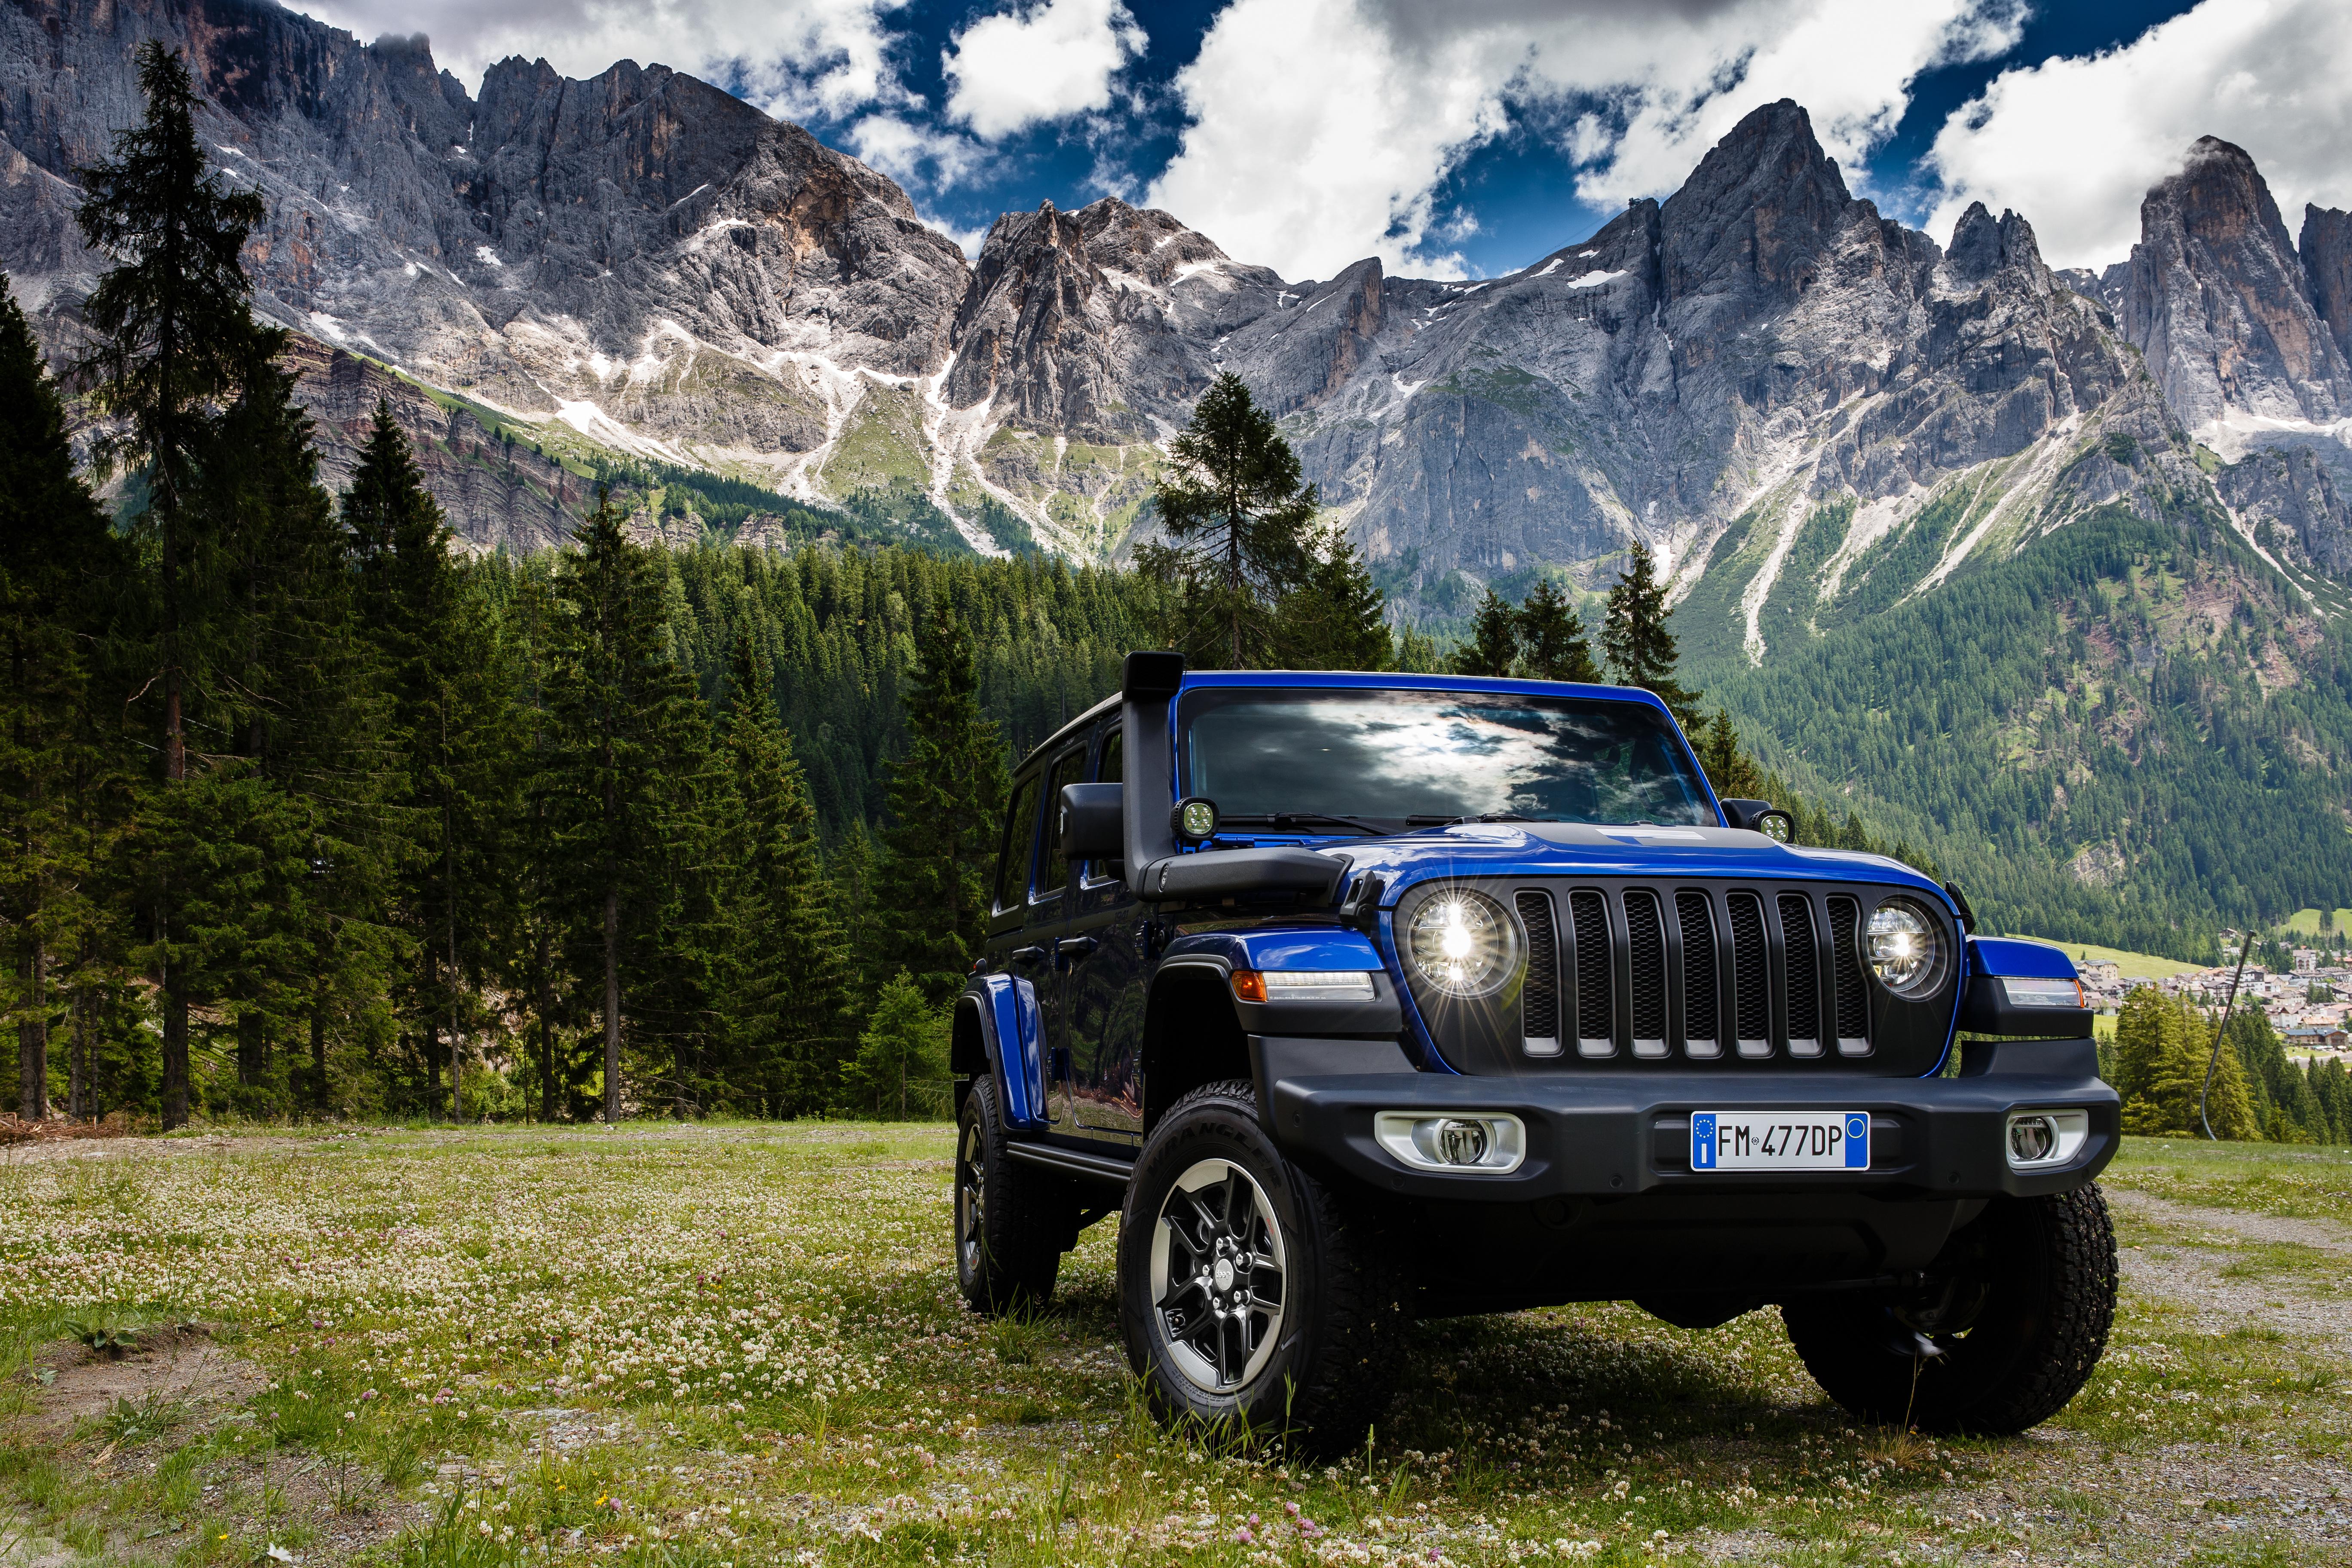 Обои для рабочего стола Jeep SUV 2019 Wrangler Unlimited Sahara 1941 by Mopar синих Автомобили 5472x3648 Джип Внедорожник синяя синие Синий авто машины машина автомобиль